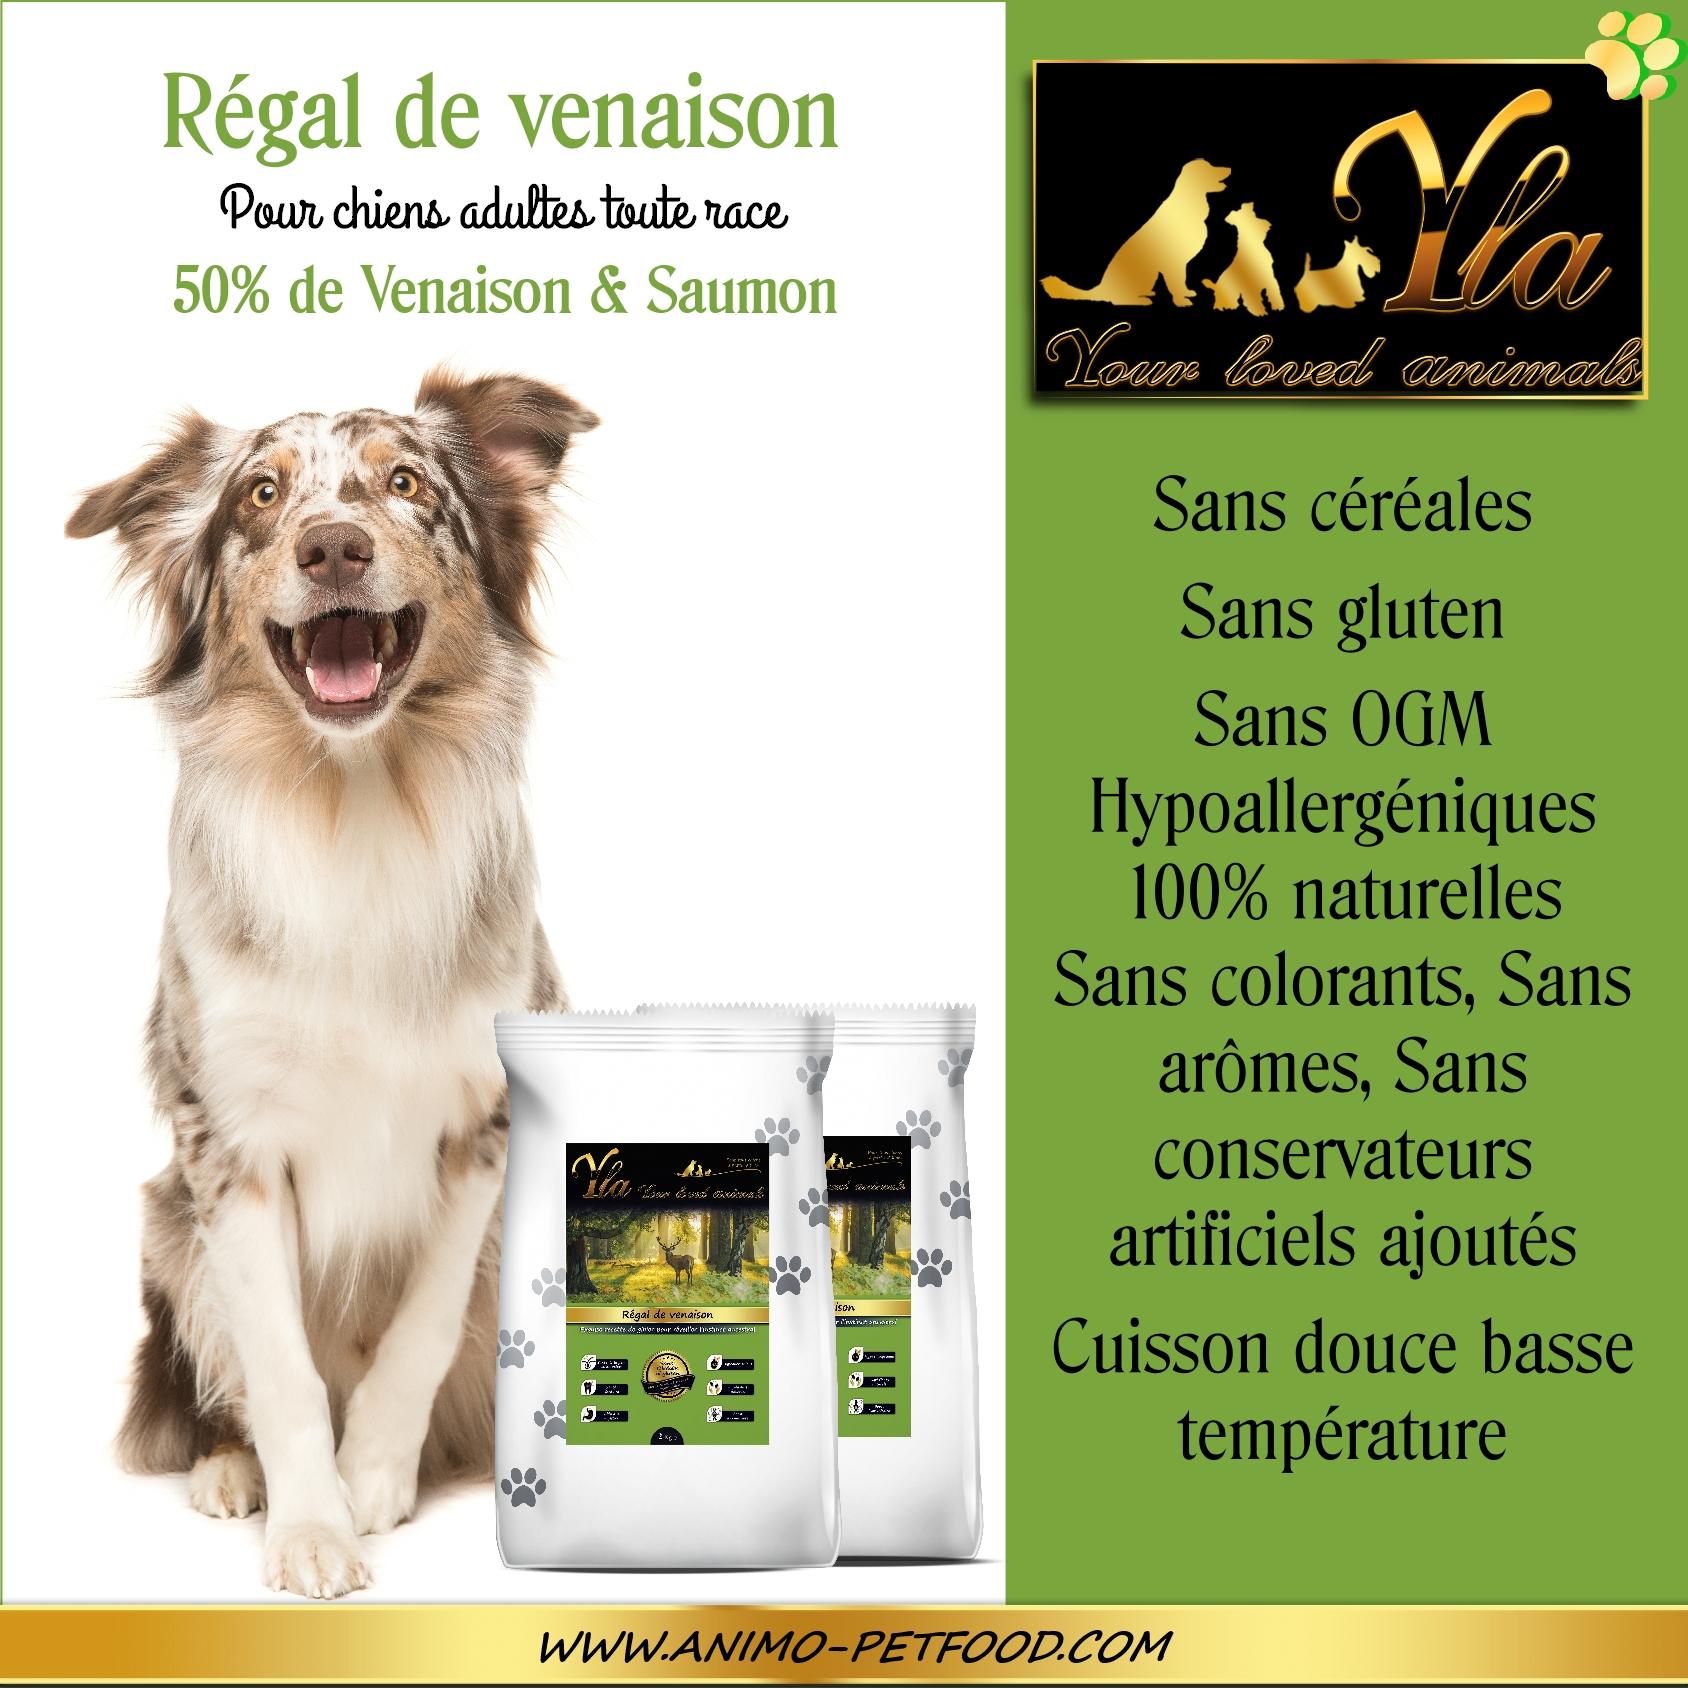 croquettes hypoallergeniques sans céréales pour chien REGAL DE VENAISON